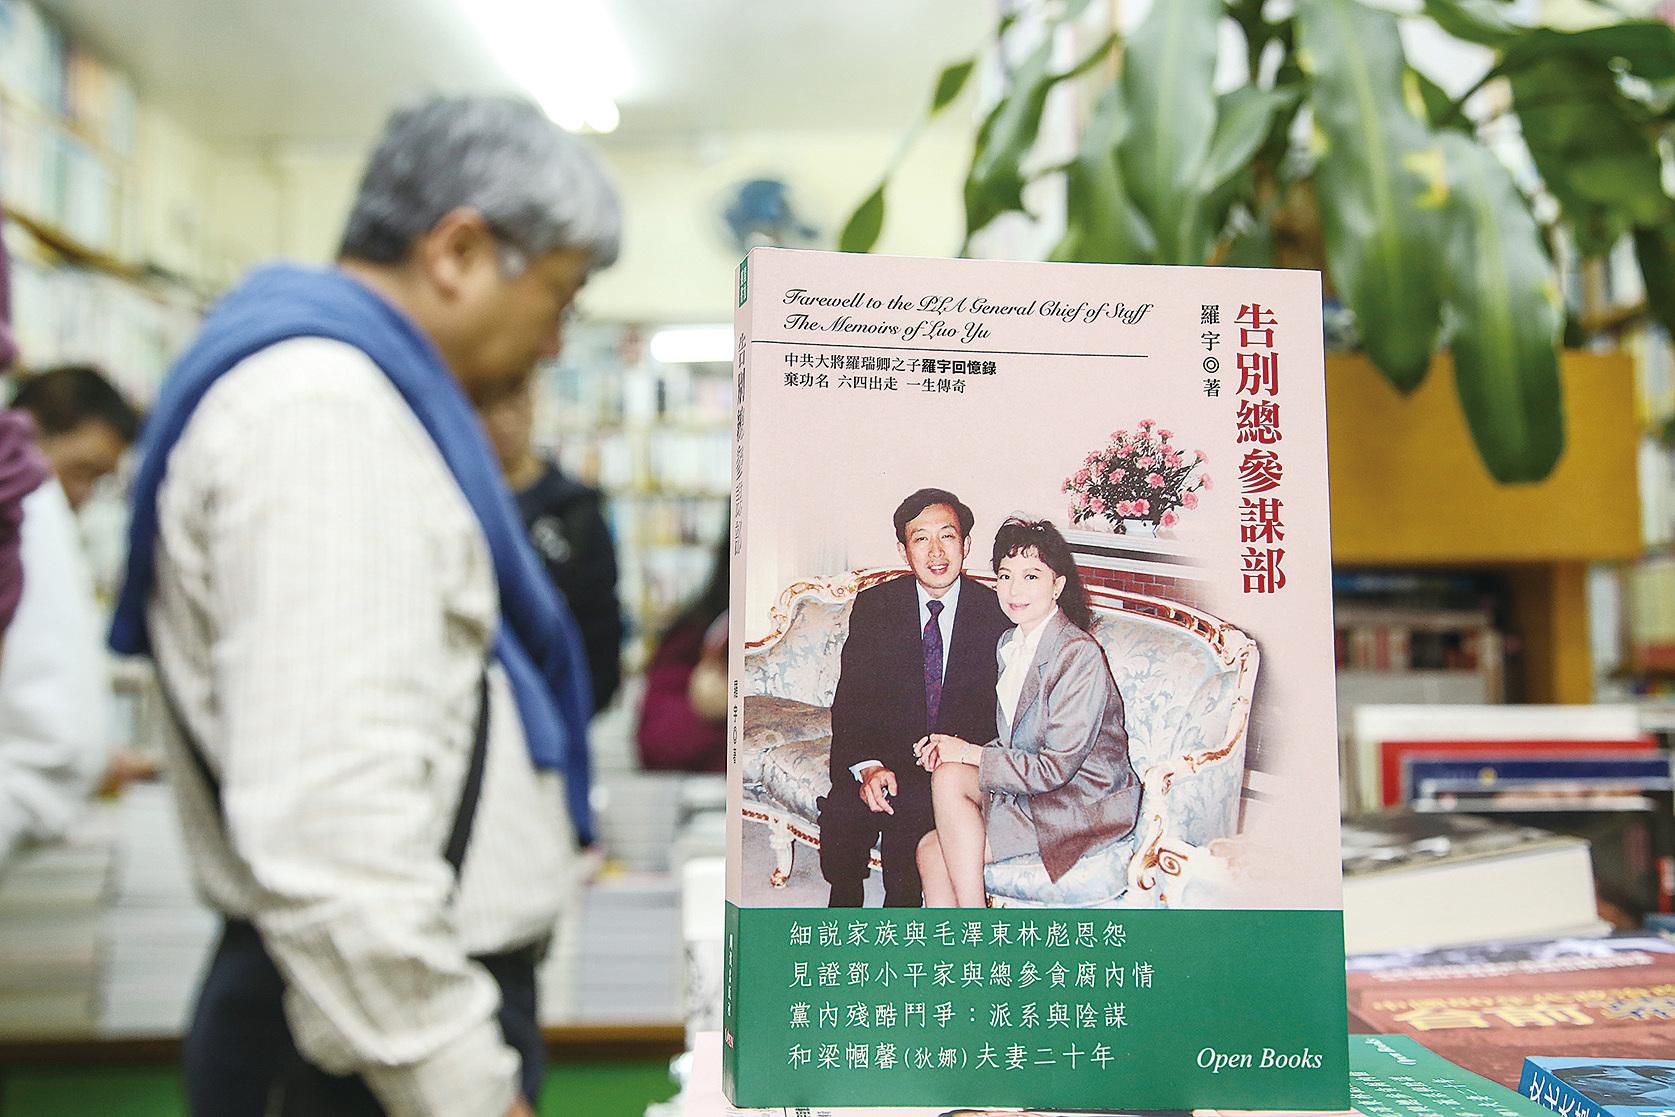 2015年,金鐘曾幫助羅宇出版回憶錄《告別總參謀部》。這本書當時在香港非常暢銷,(羅宇/大紀元)